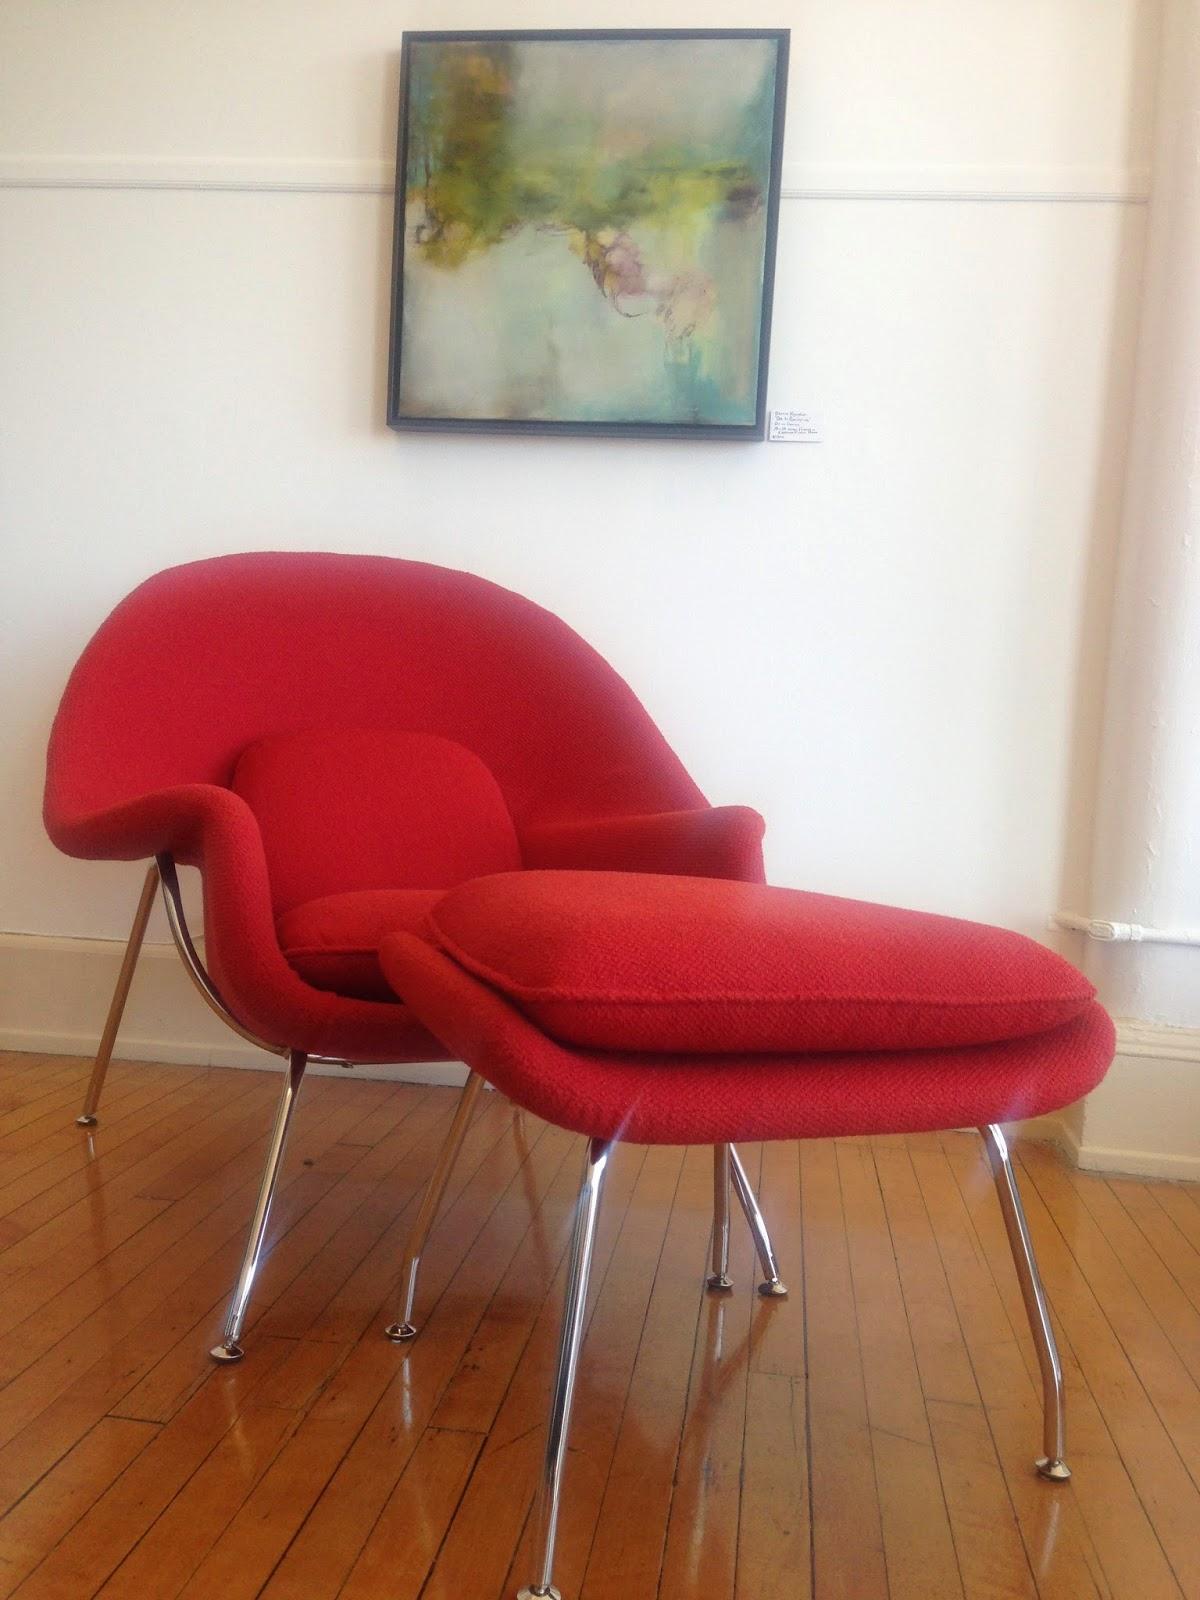 Marvelous Modern Furniture Shopping Tips For The New Homeowner